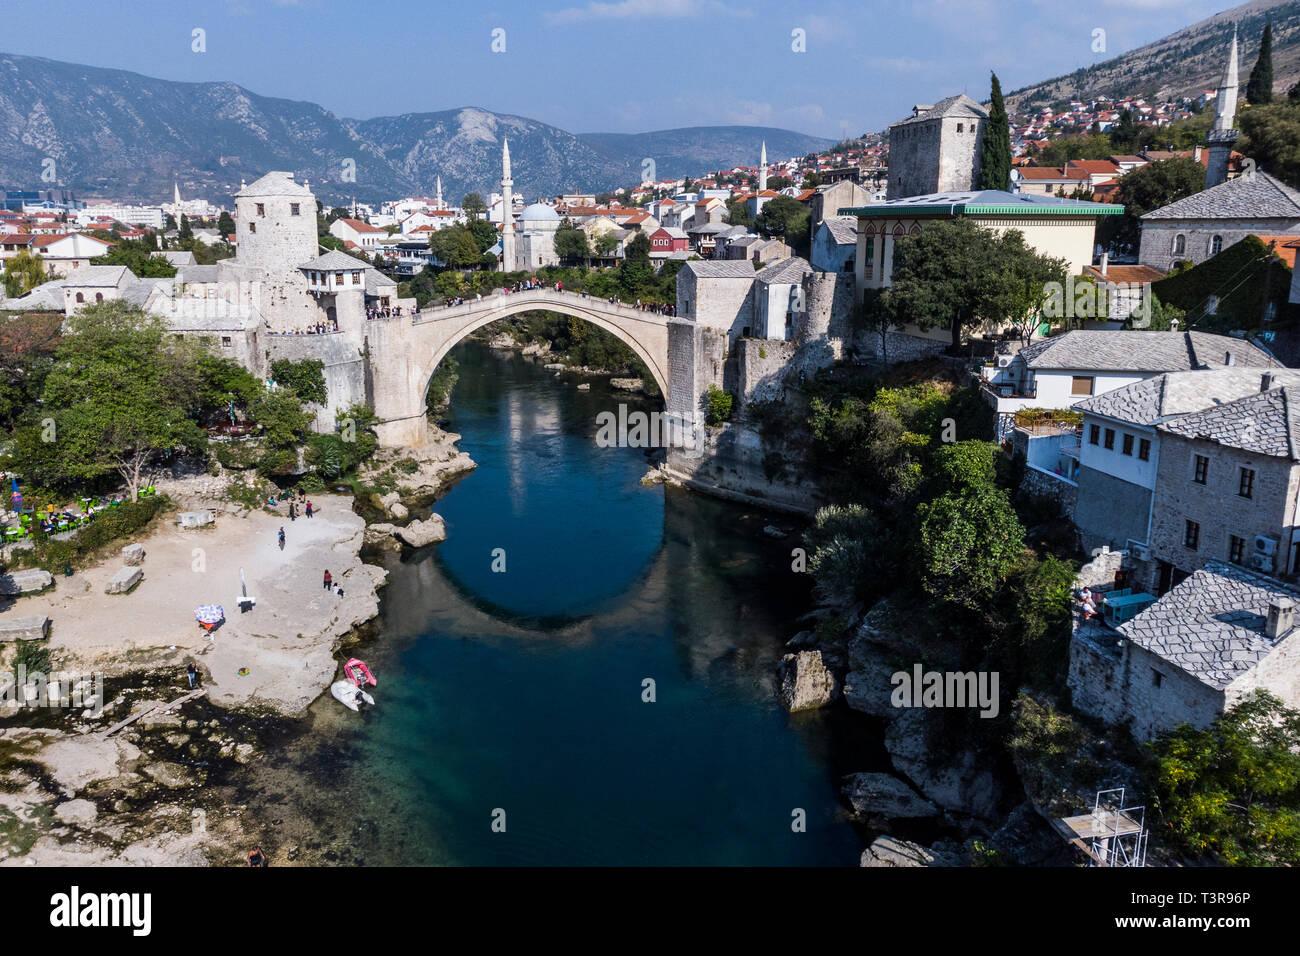 Old Bridge in Mostar above Neretva river inMostar, Bosnia and Herzegovina. - Stock Image